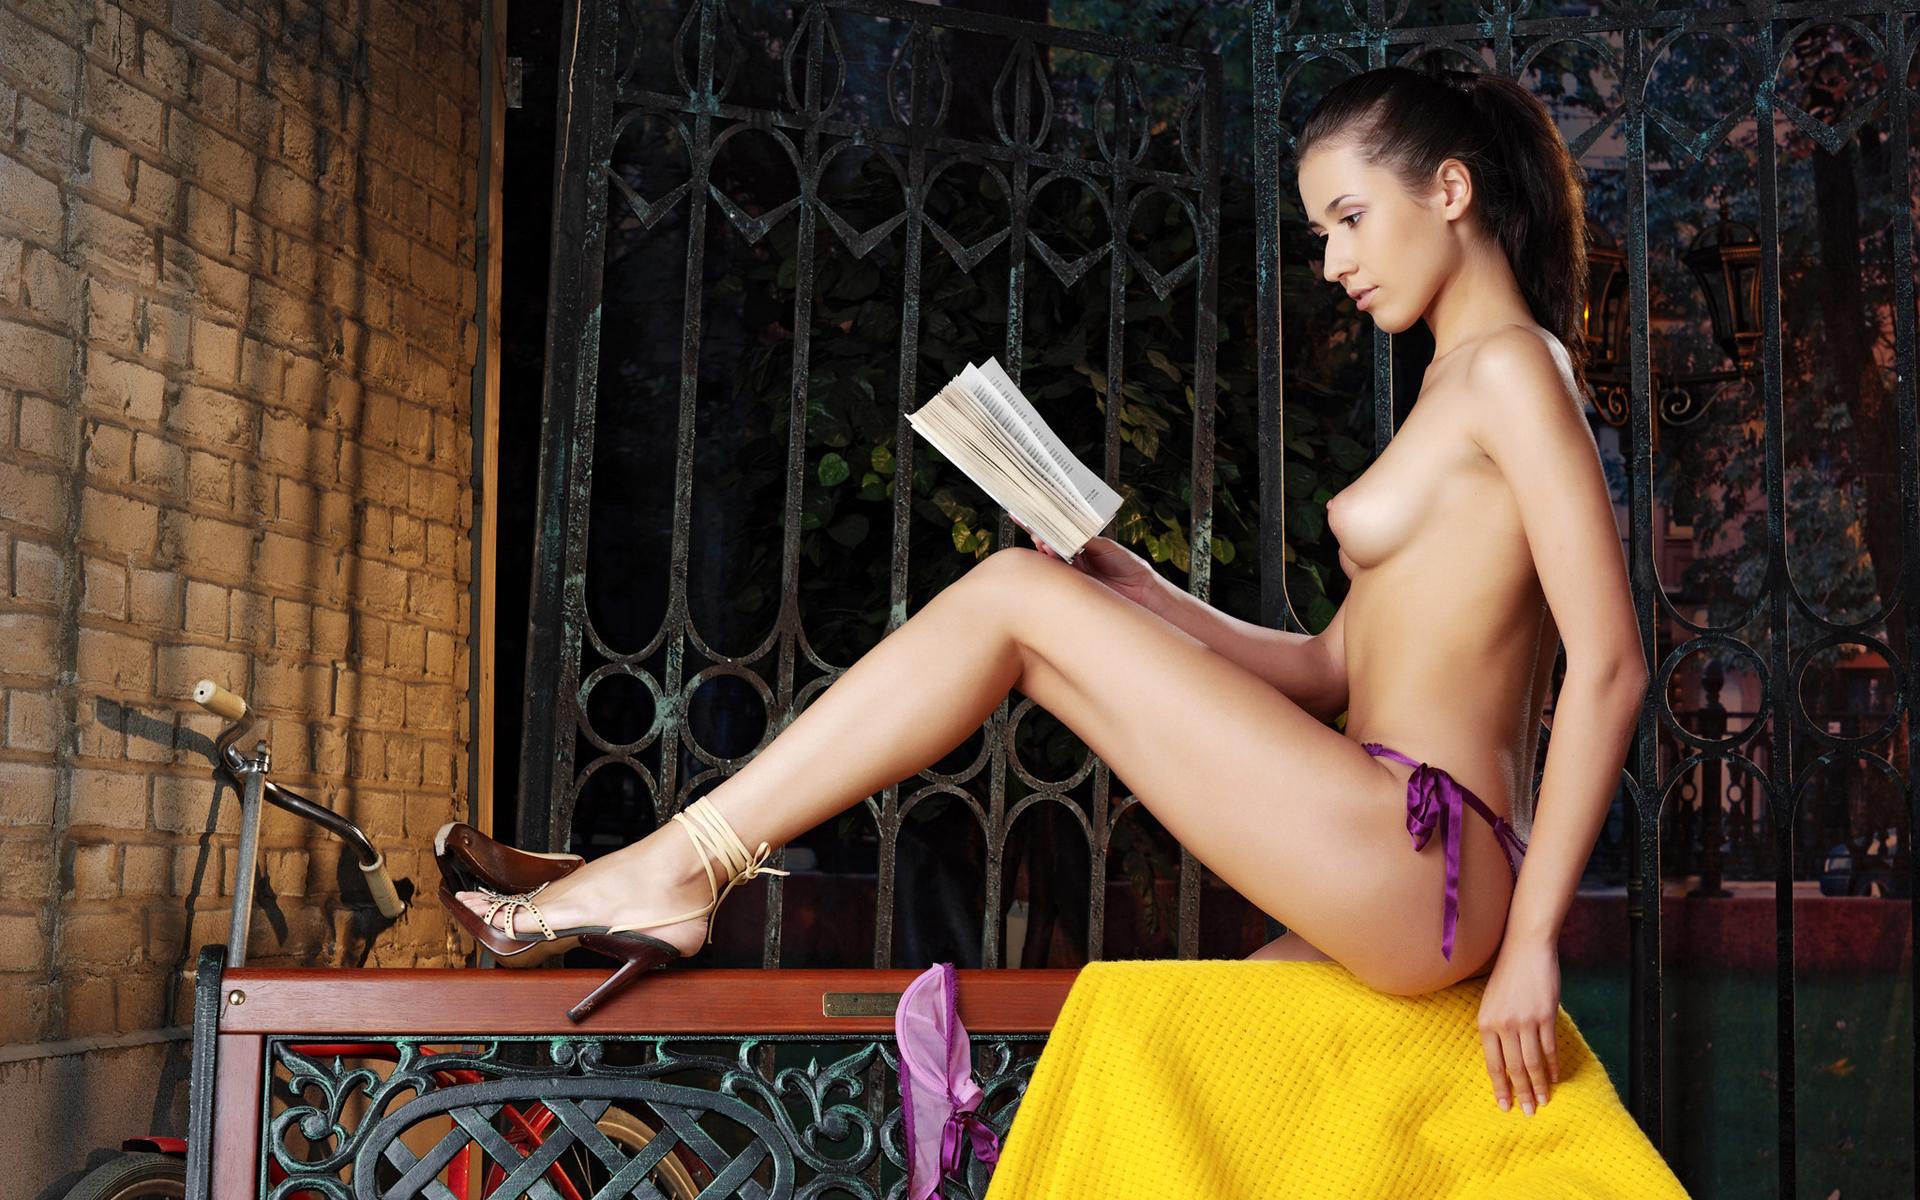 Бреют пизду телка читает книгу порно